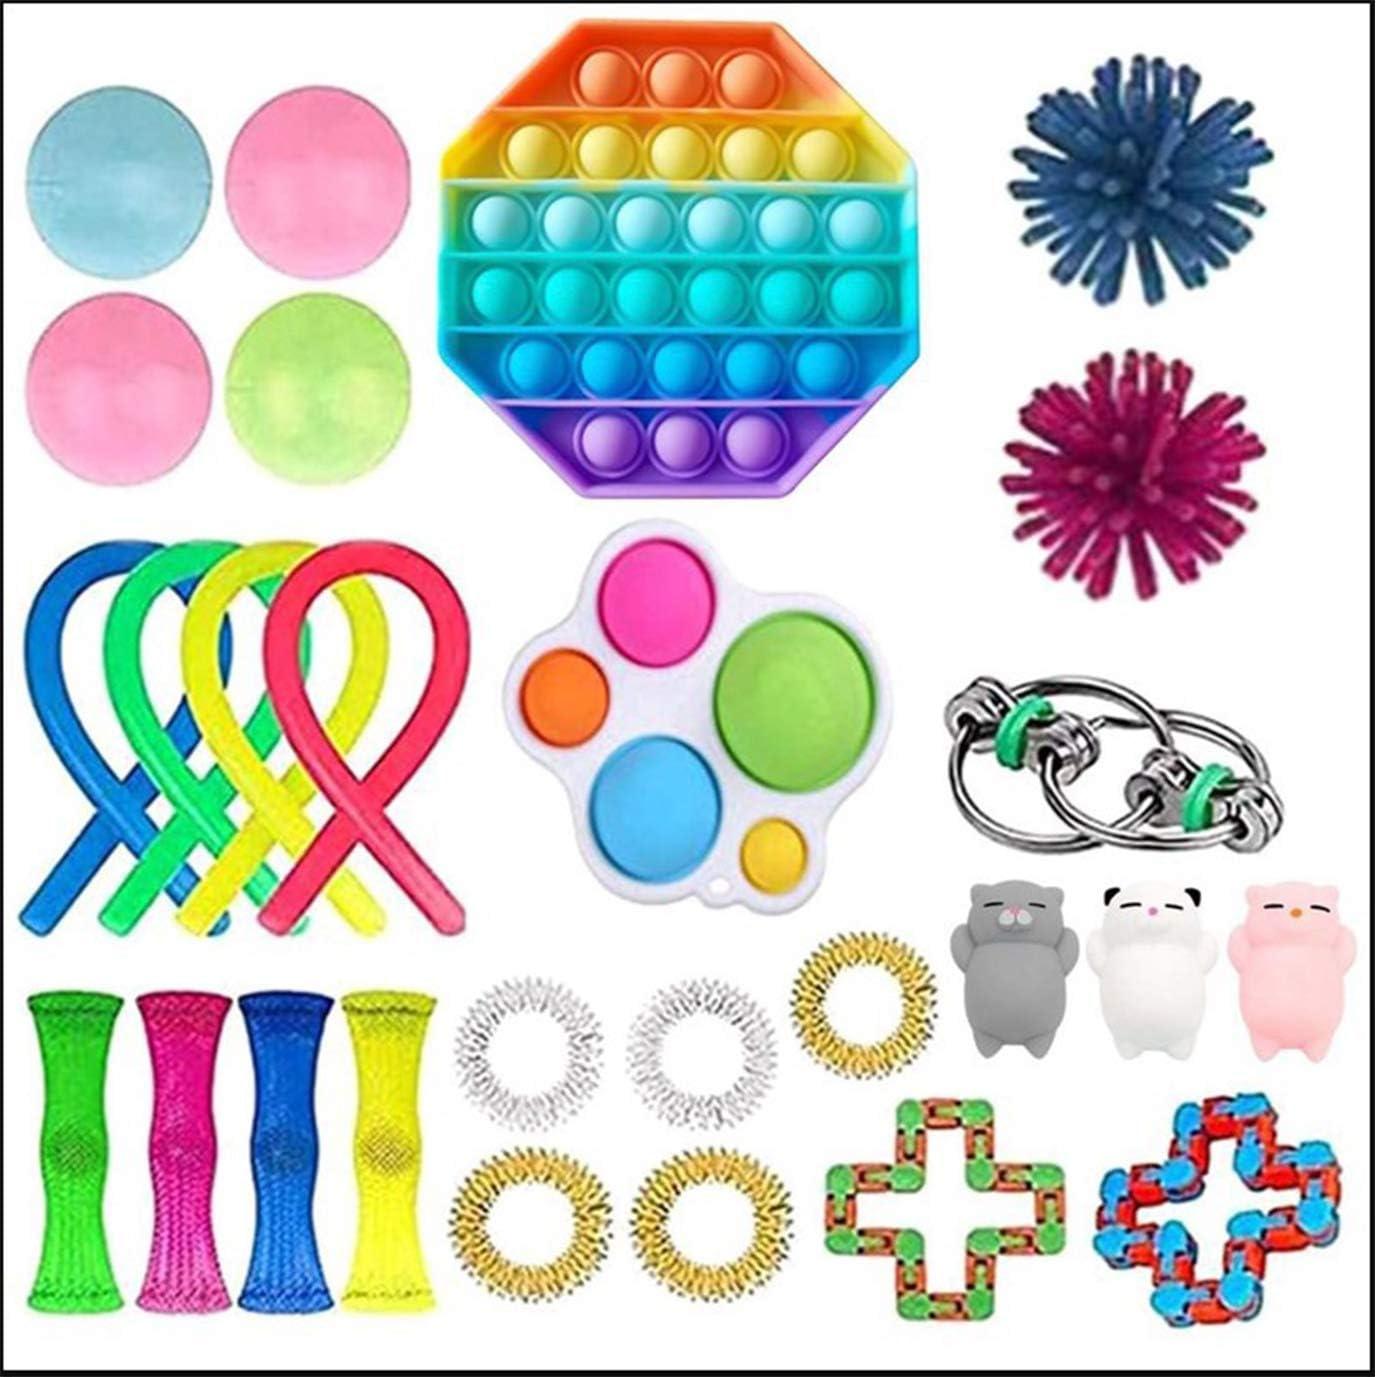 Ideal Swan 27 Pcs Sensory Fidget Toys Set Simple Dimple Fidget Toy Sensorial Fidget Juguete Fidget Set Juguetes Sensoriales Alivio del Estrés y Juguetes Sensoriales Antiansiedad para Niños y Adultos